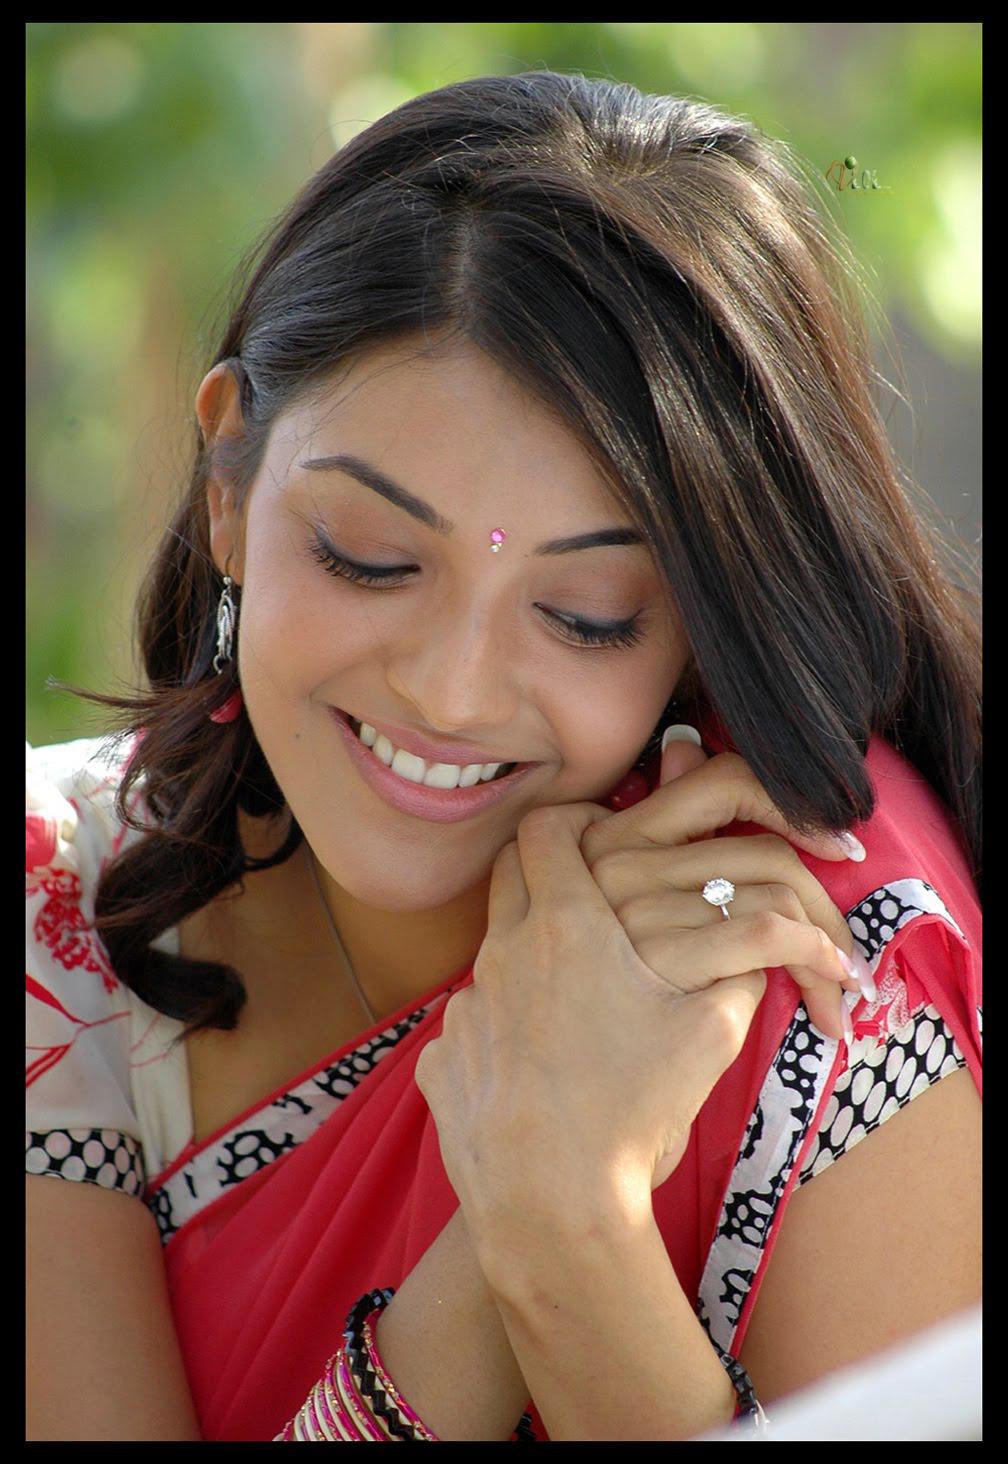 dj allu arjun ringtone free download